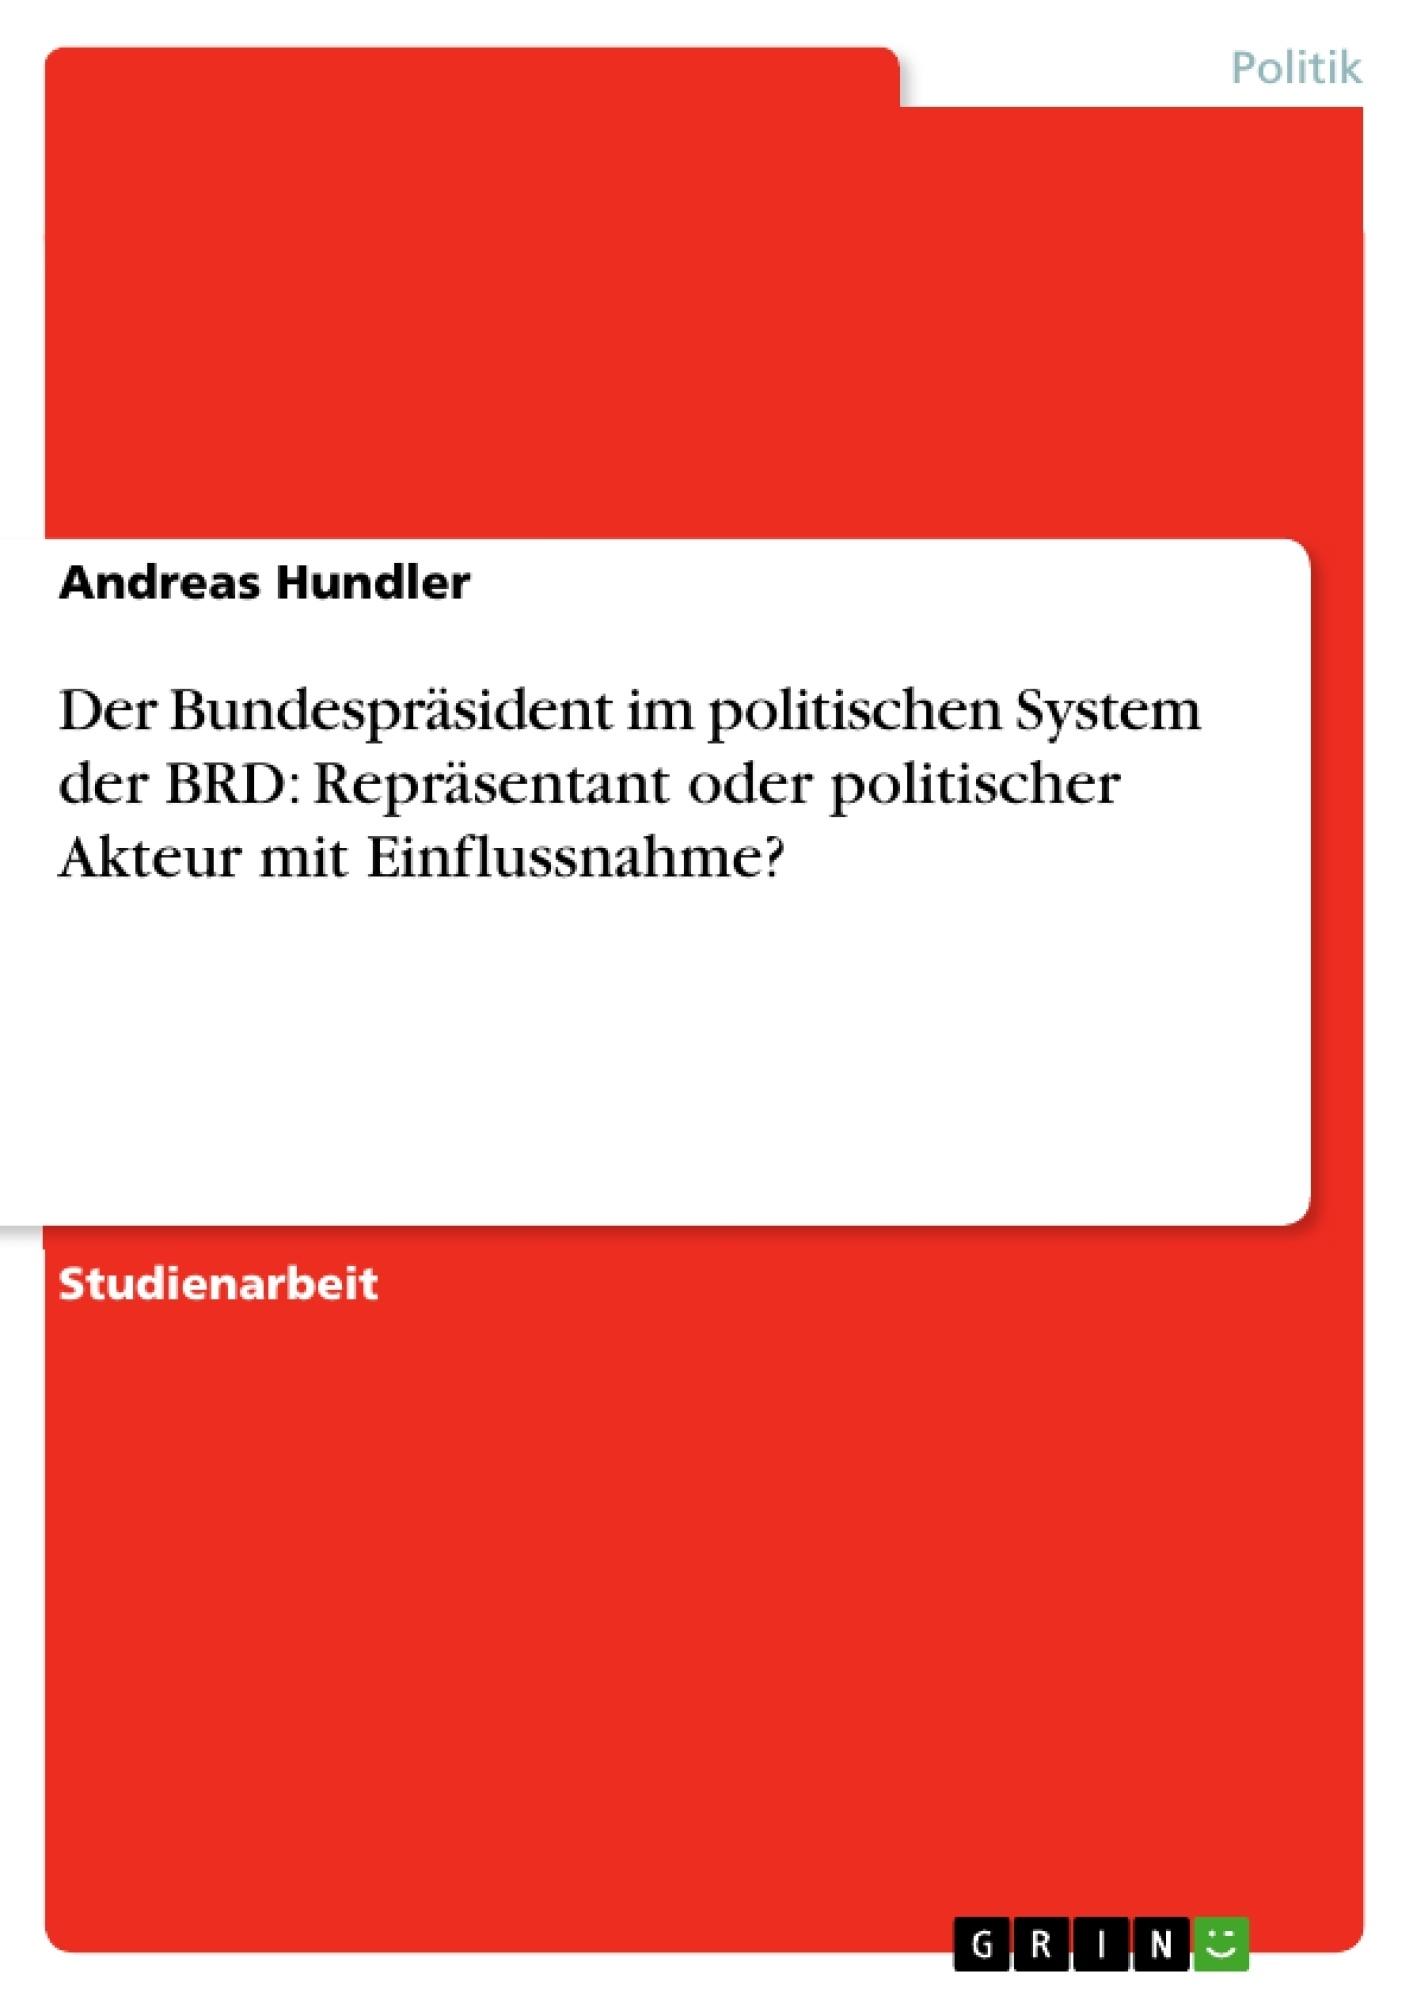 Titel: Der Bundespräsident im  politischen System der BRD:  Repräsentant oder politischer  Akteur mit Einflussnahme?